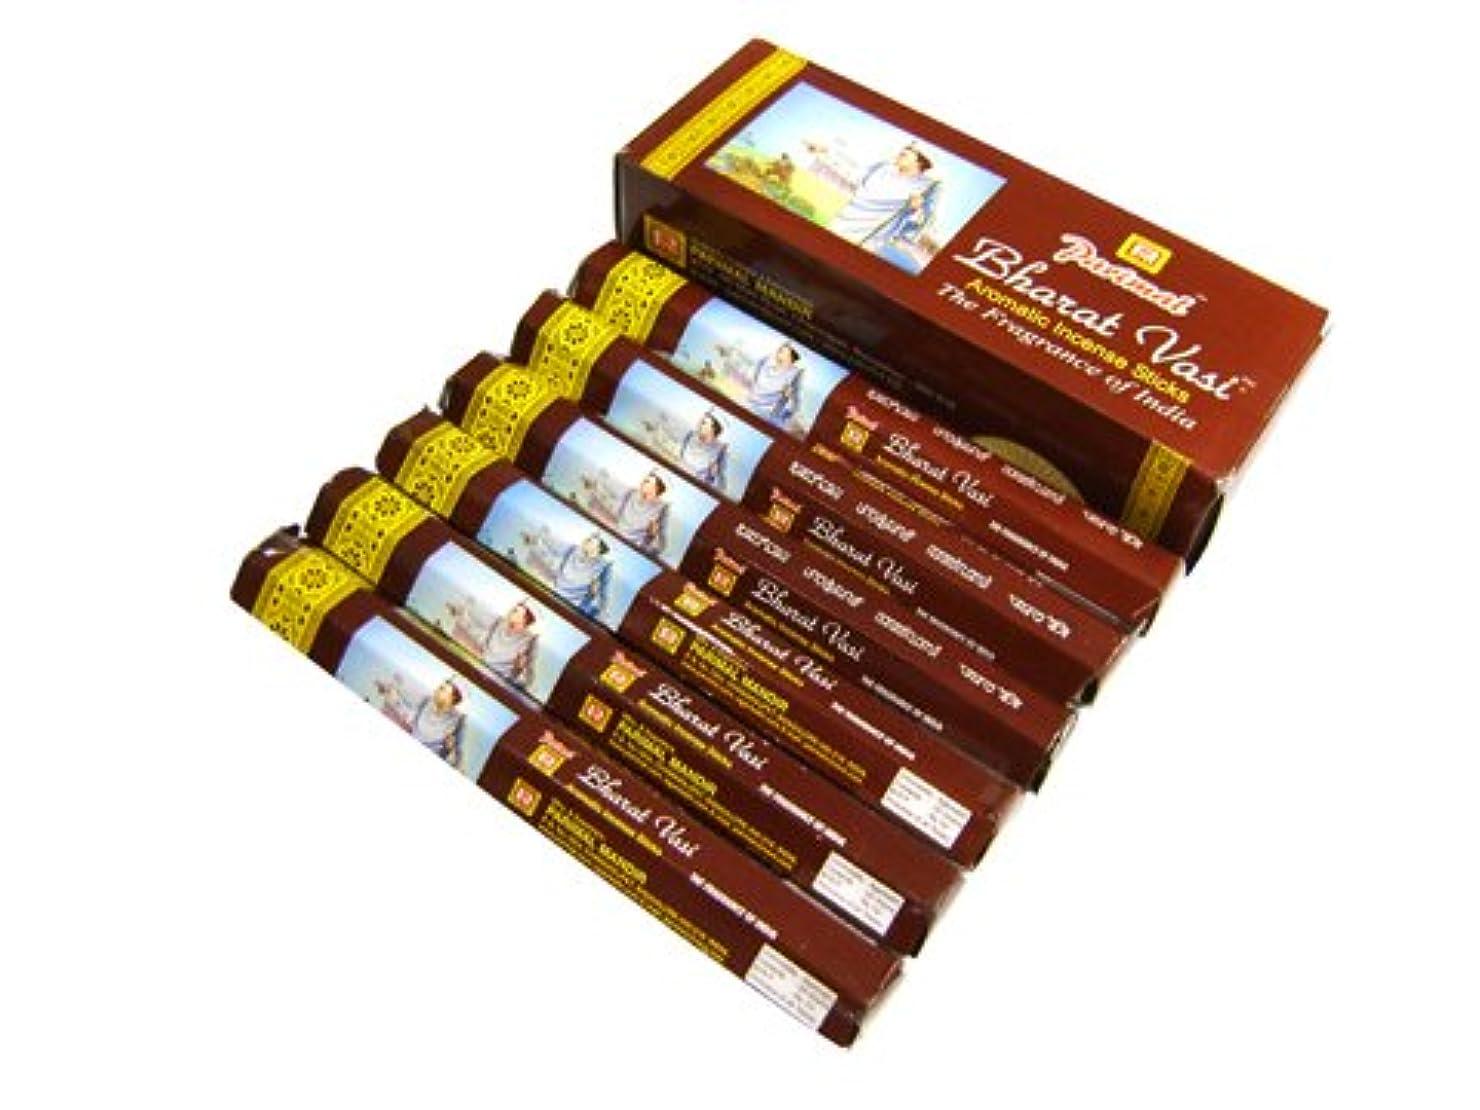 色合い下に余剰PARIMAL(パリマル) バラバシ香 スティック BHARAT VASI 6箱セット